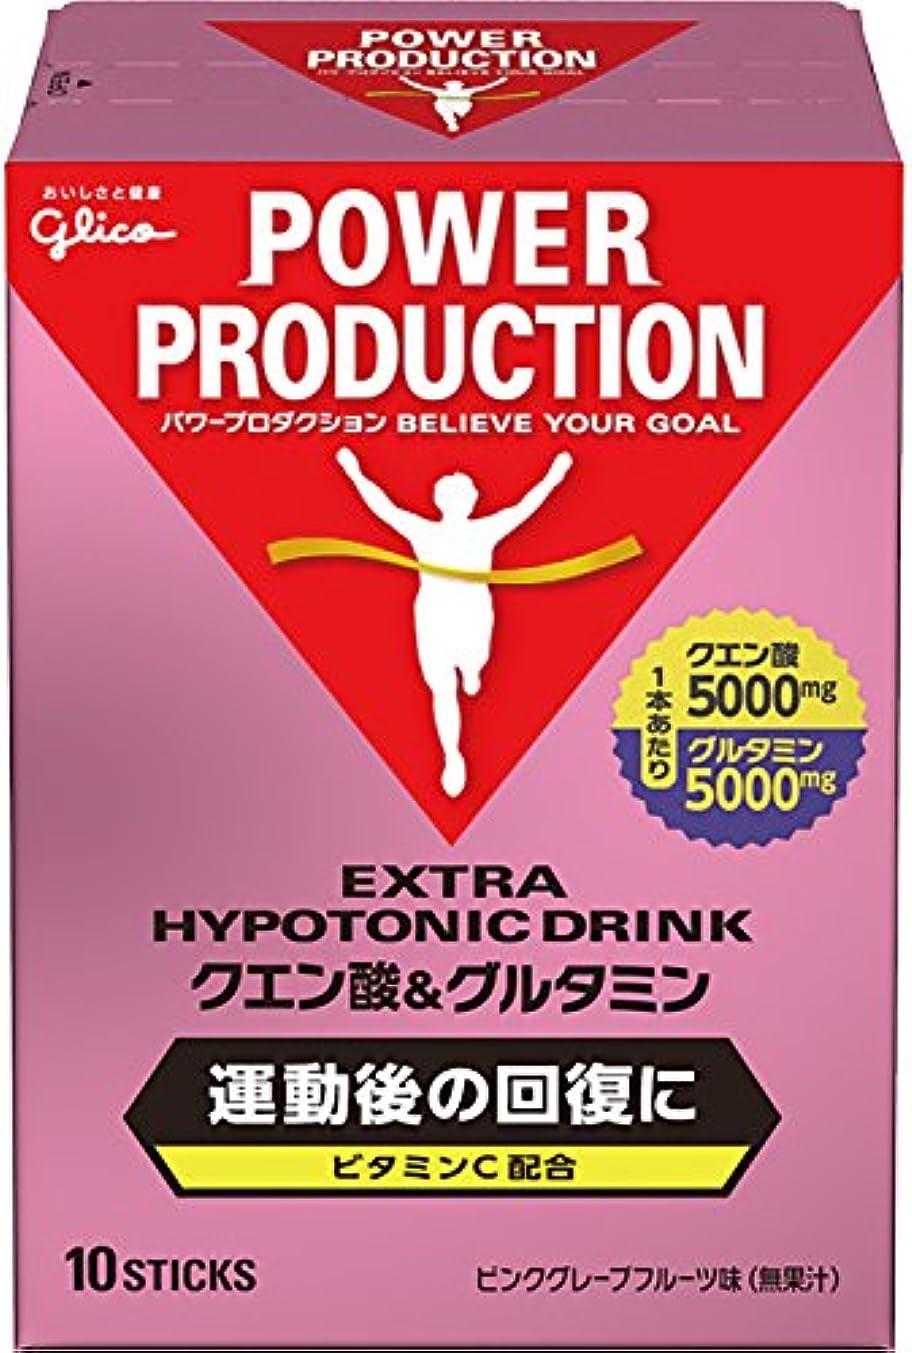 消すヒロイン兵士グリコ パワープロダクション エキストラ ハイポトニックドリンク クエン酸&グルタミン ピンクグレープフルーツ味 1袋 (12.4g) 10本